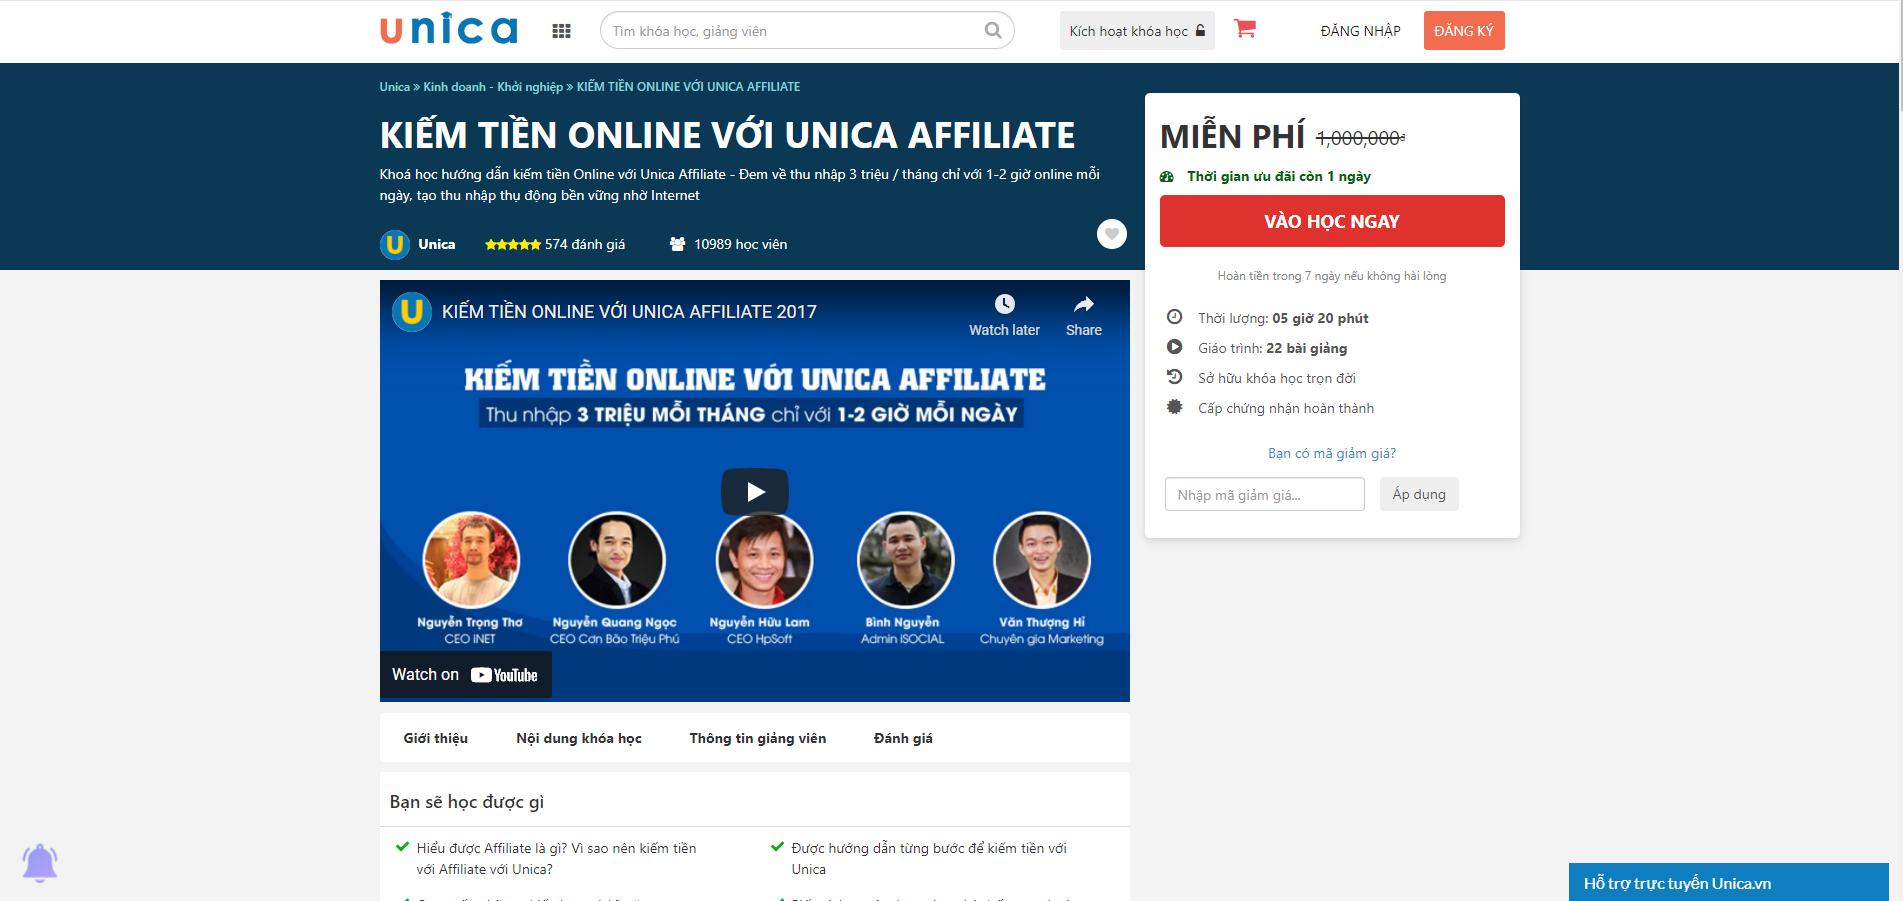 khoa-hoc-affiliate-marketing-voi-Unica